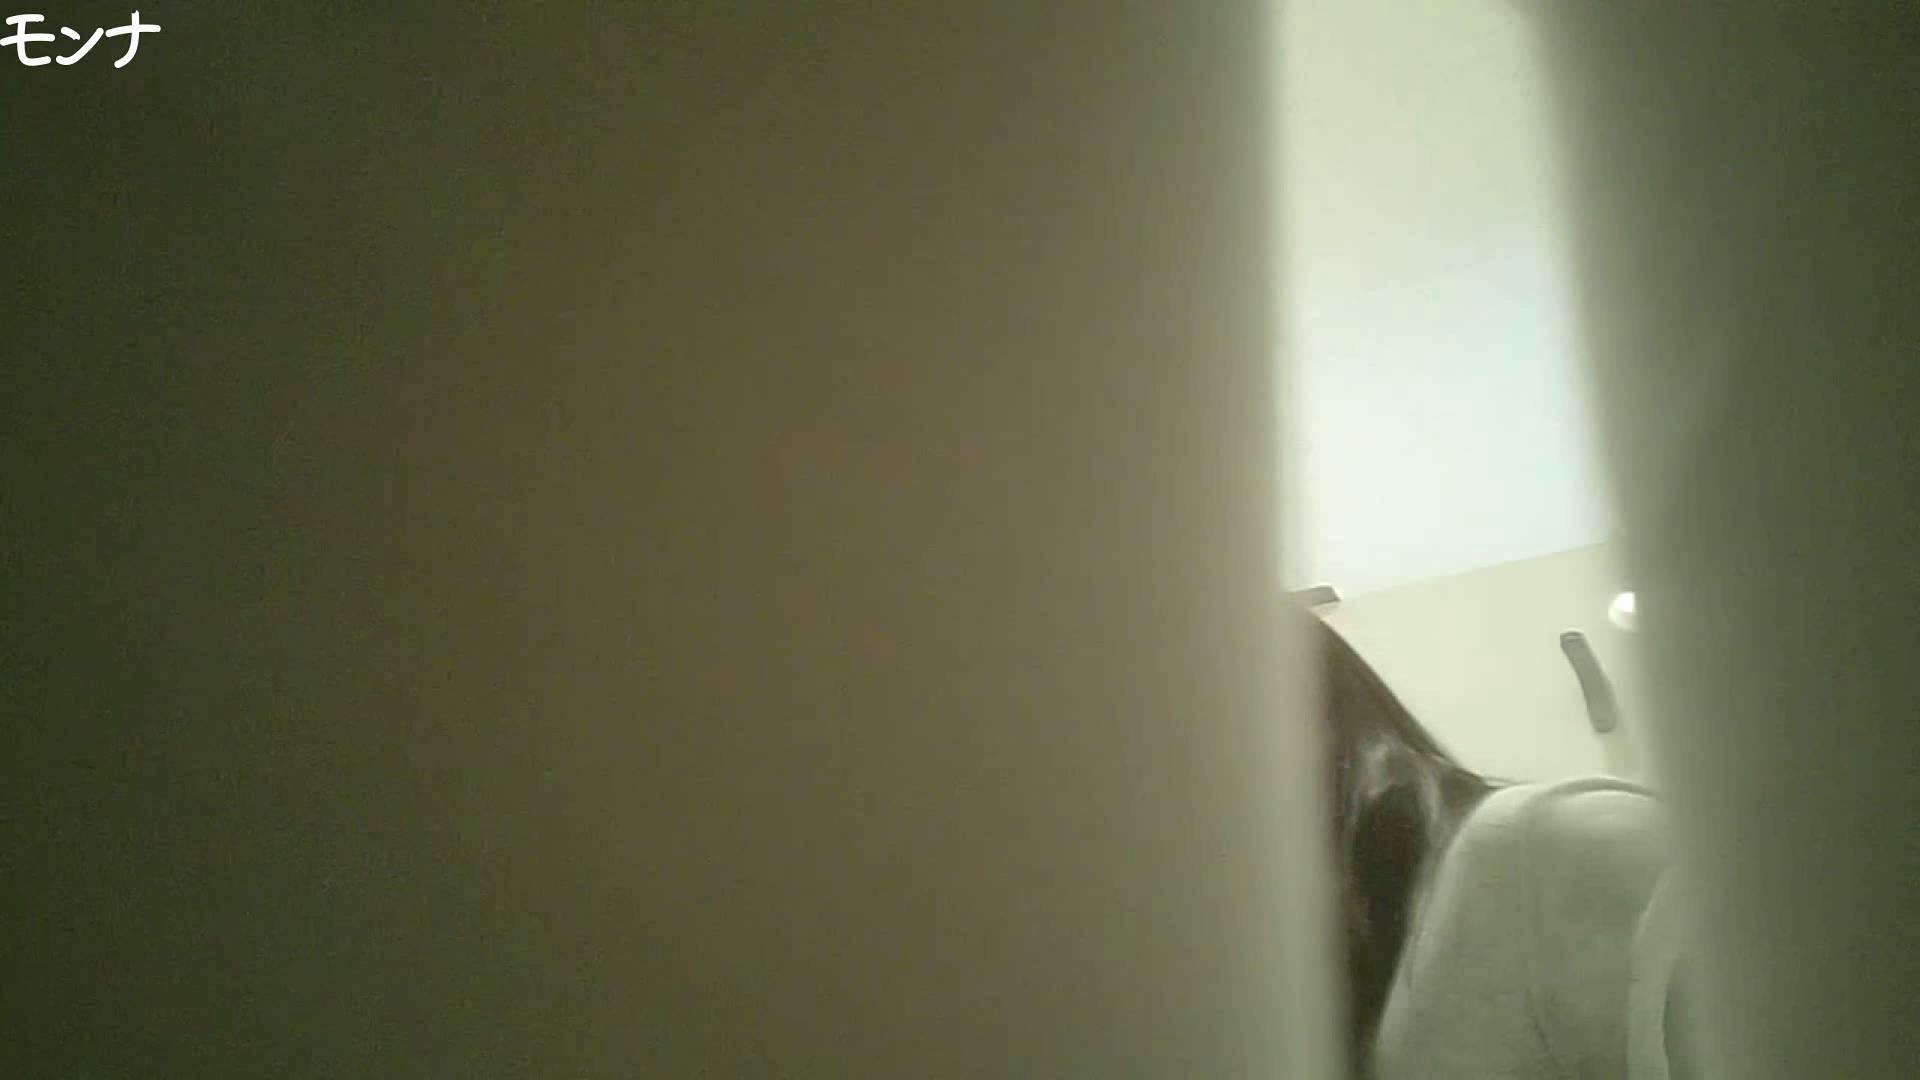 有名大学女性洗面所 vol.65 秘技!!マルチアングル天井撮り!! 潜入 ワレメ動画紹介 79連発 22